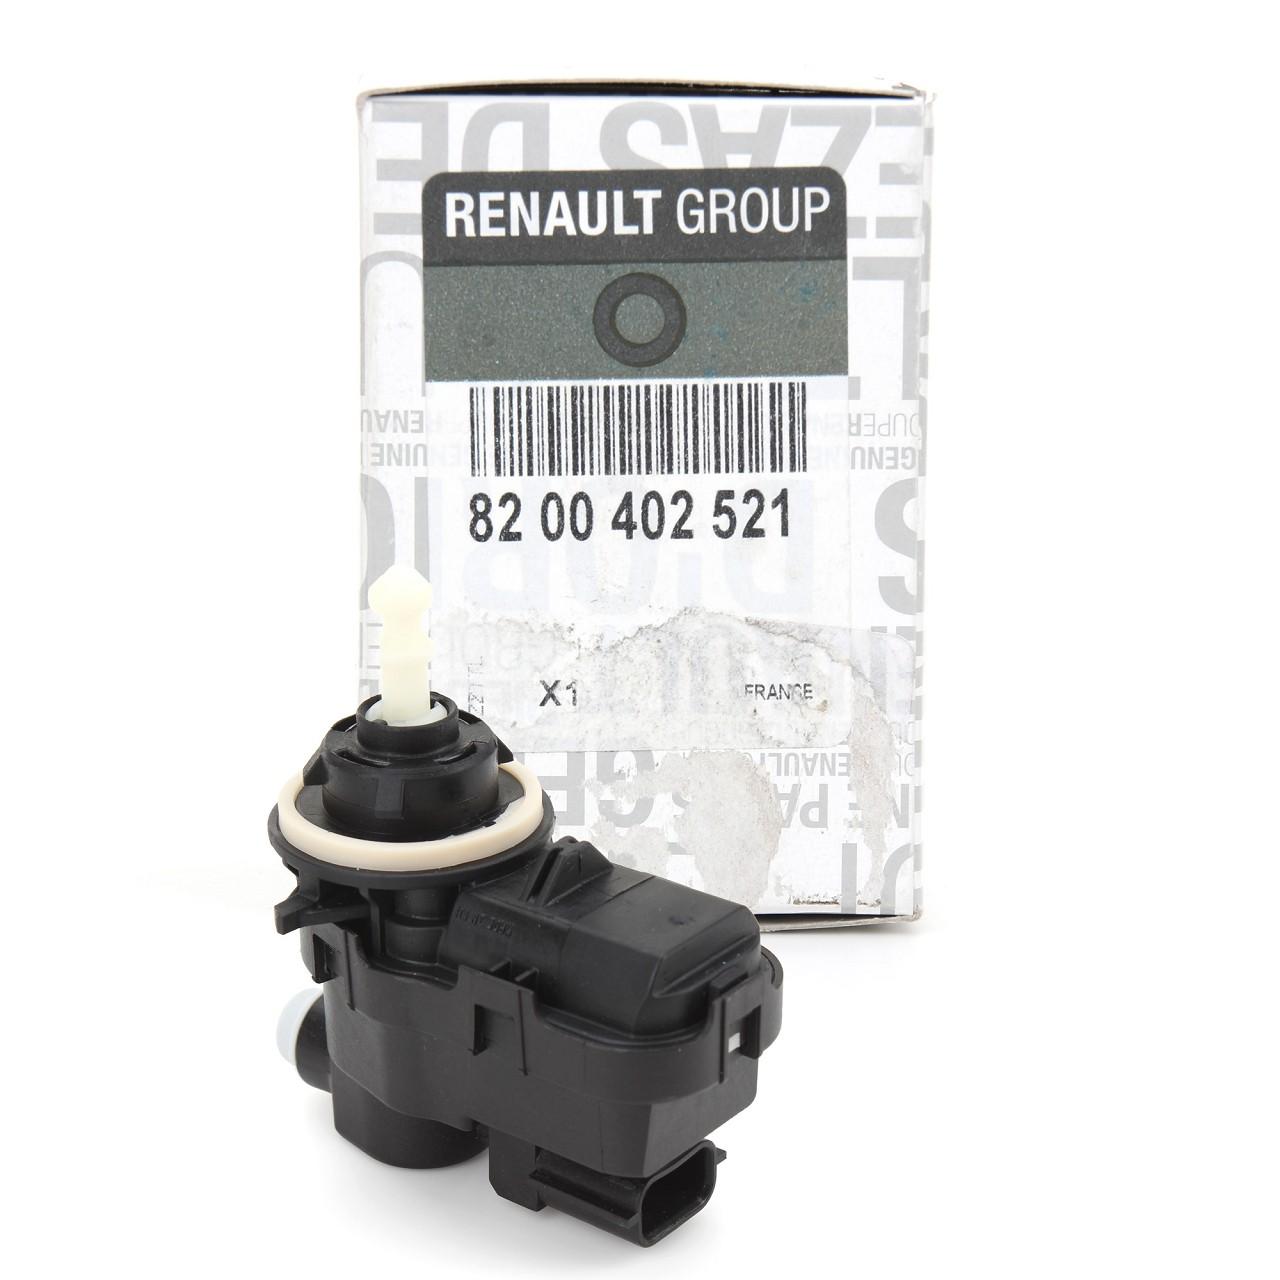 ORIGINAL Renault Stellmotor Scheinwerfer Leuchtweitenregulierung 8200402521